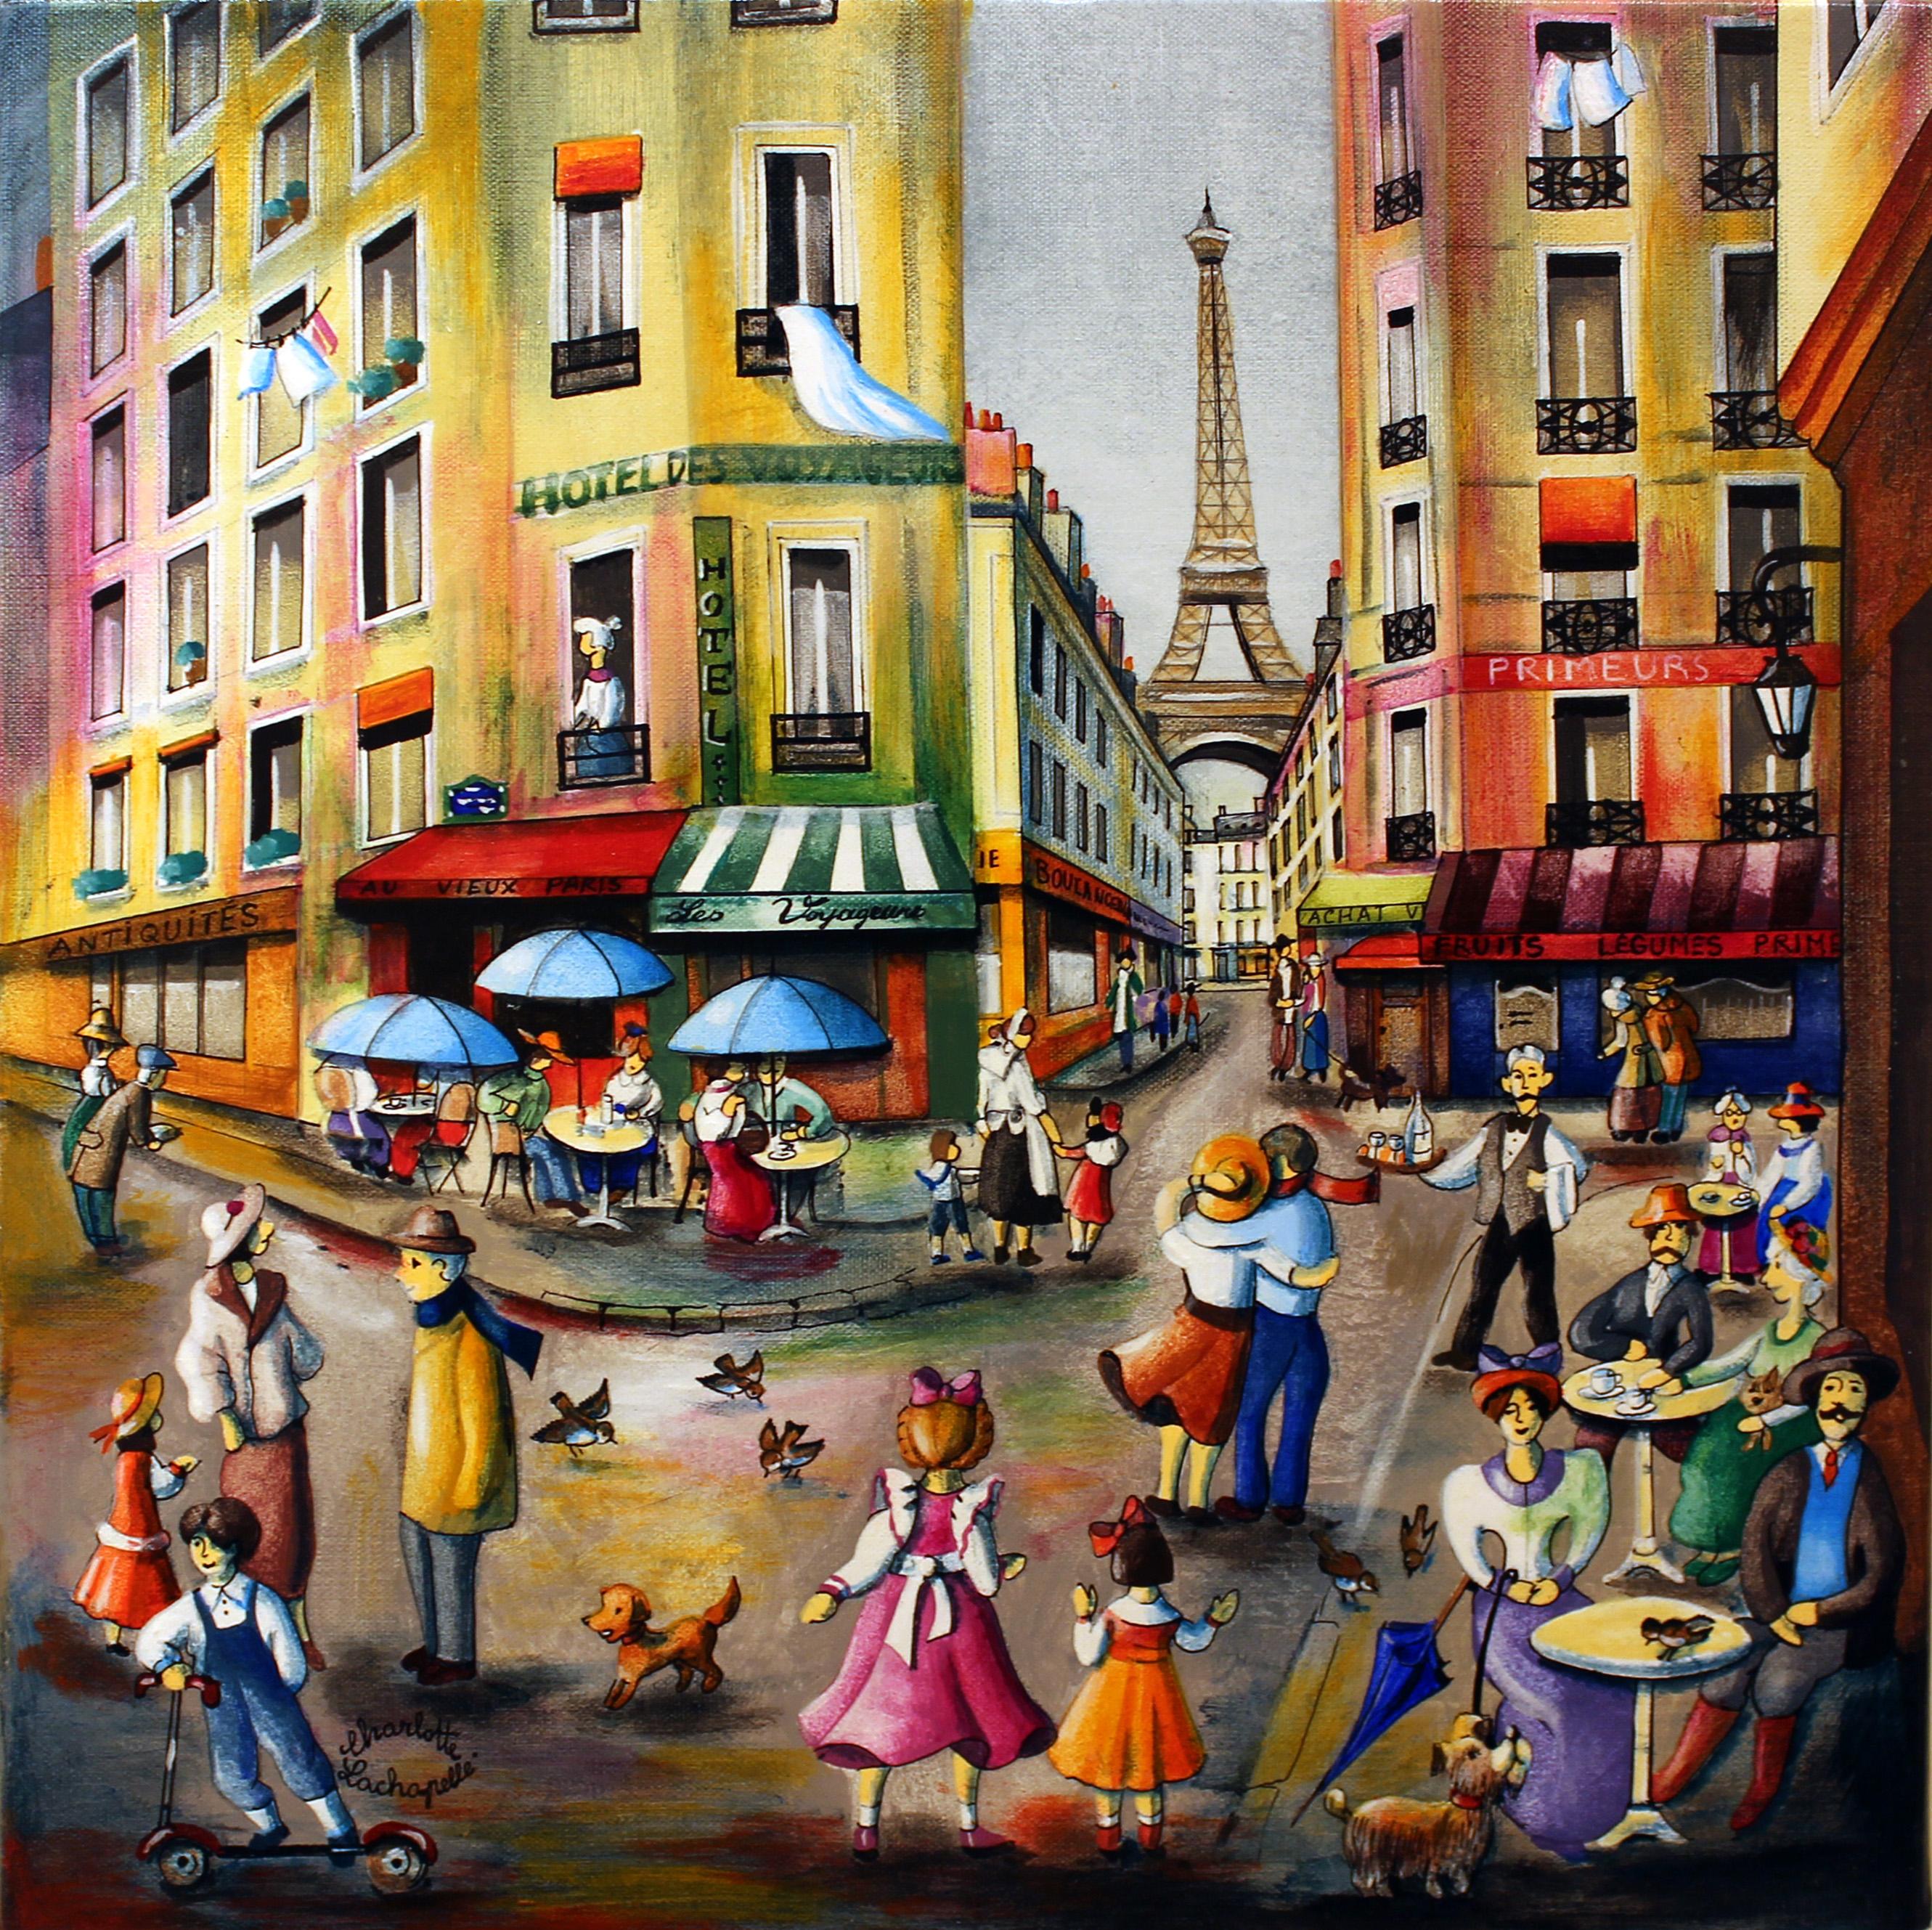 La rue du commerce - Rue du commerce cuisine ...